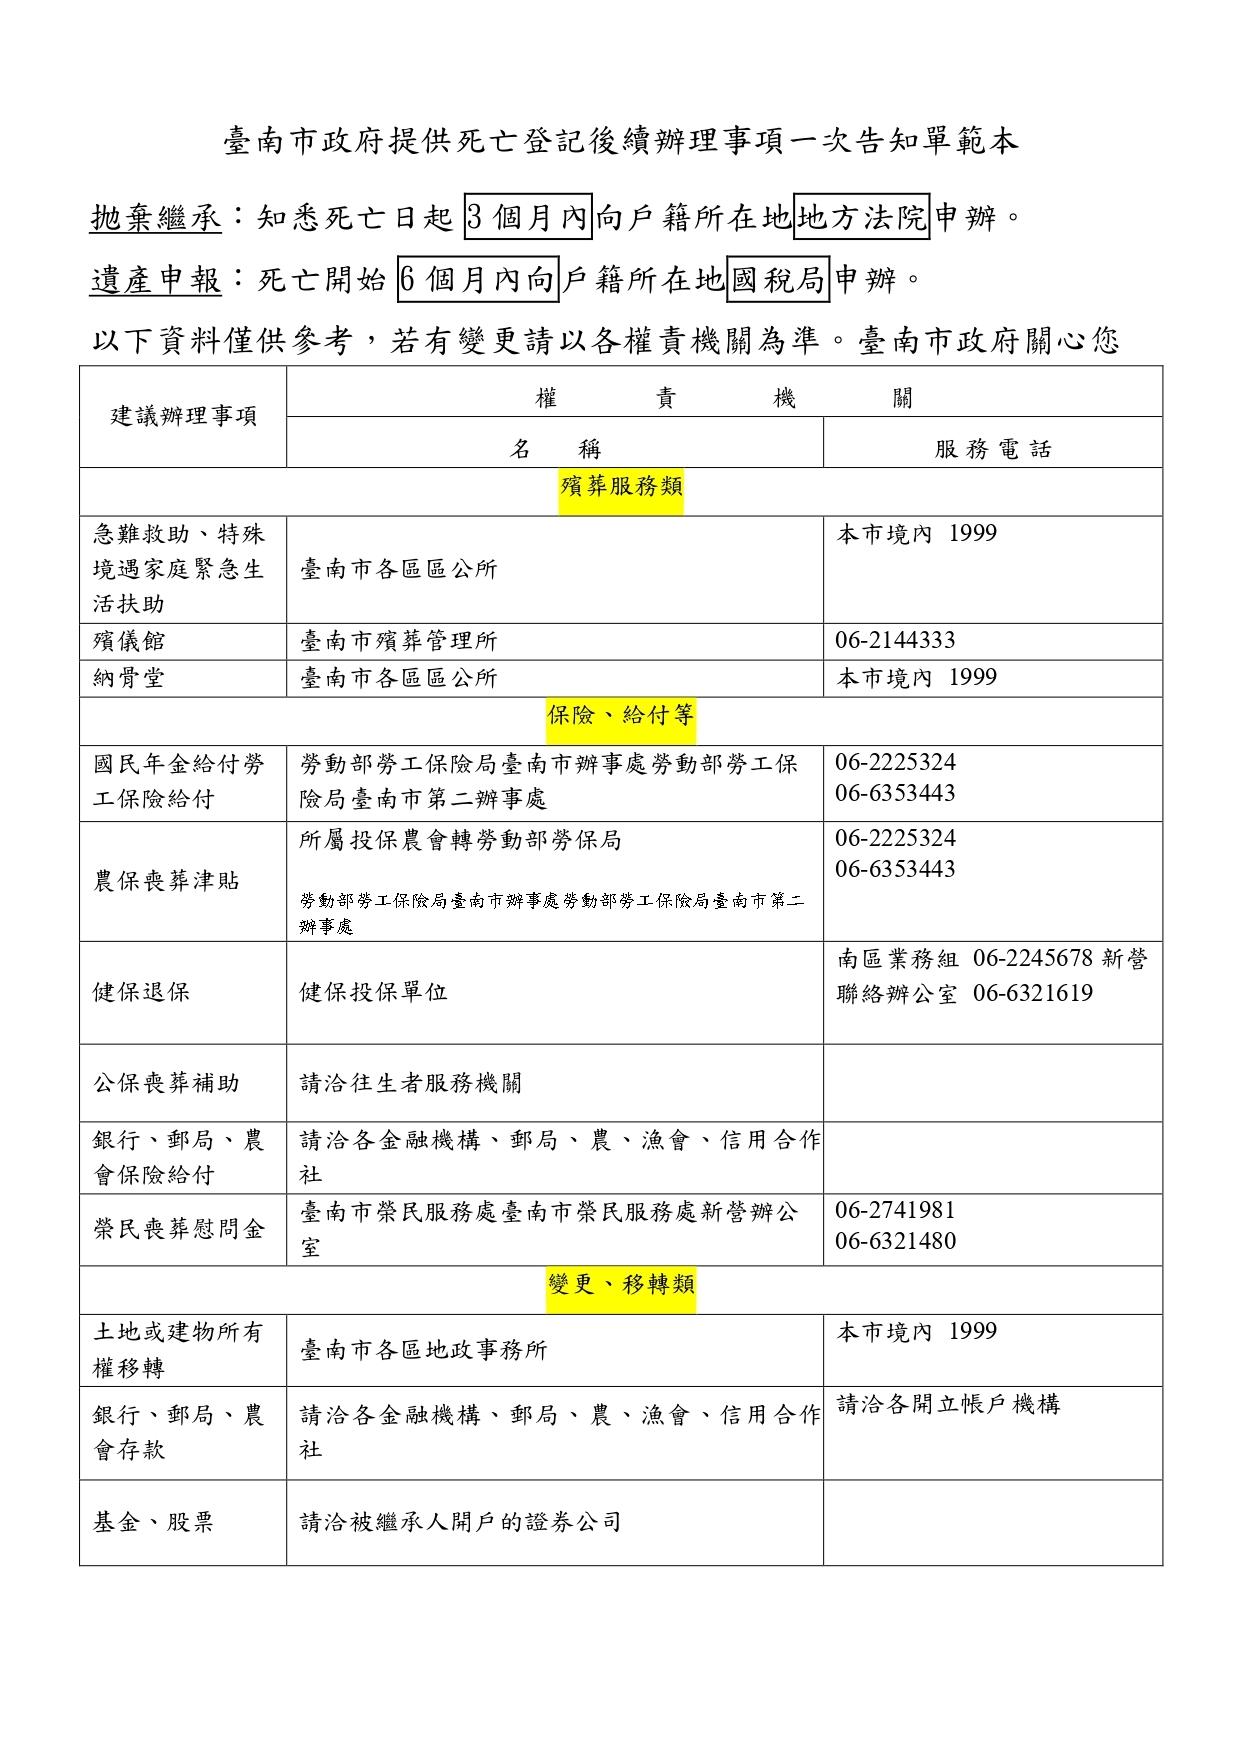 死亡登記及後續處理事項一覽表1